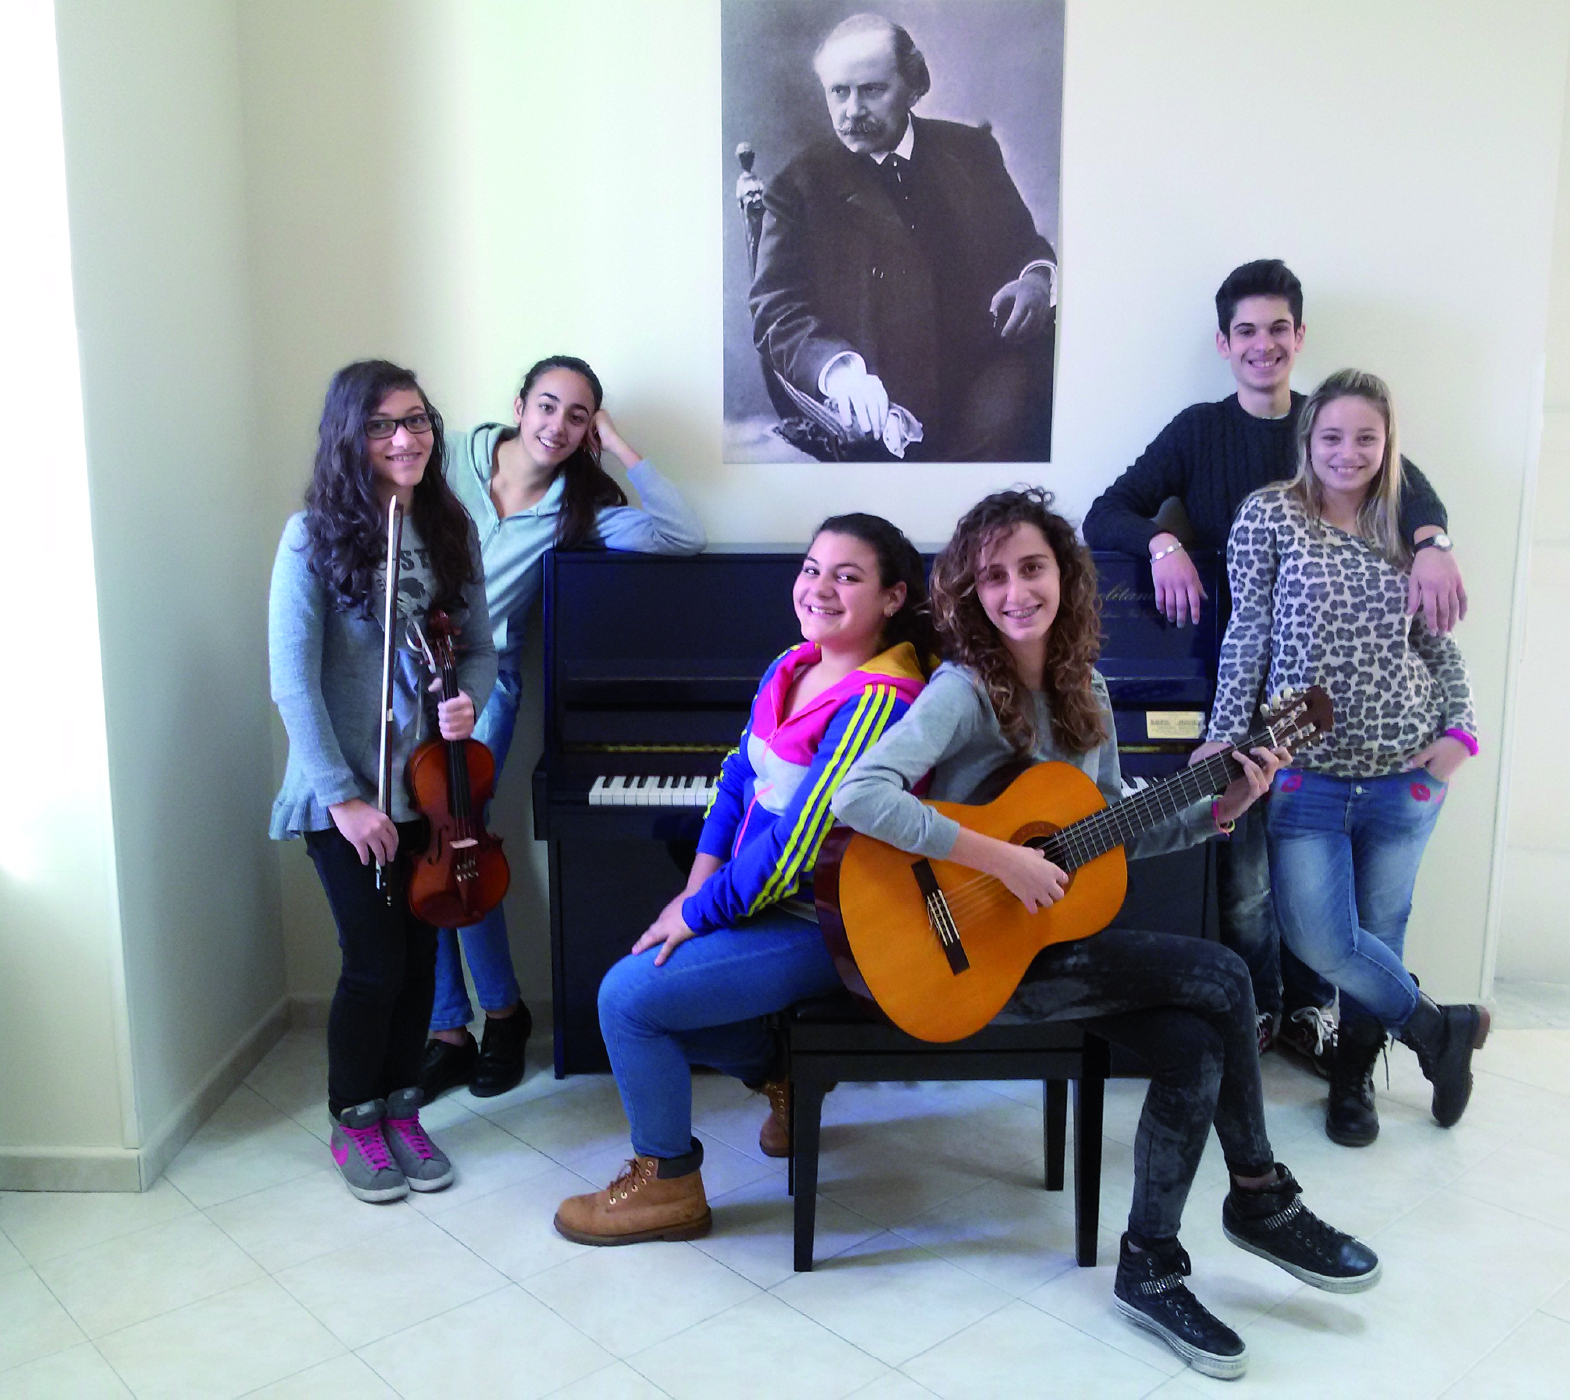 Liceo Musicale Di Martino Aladino Portici - Napoli  liceo musicale omegna coreutico foiso